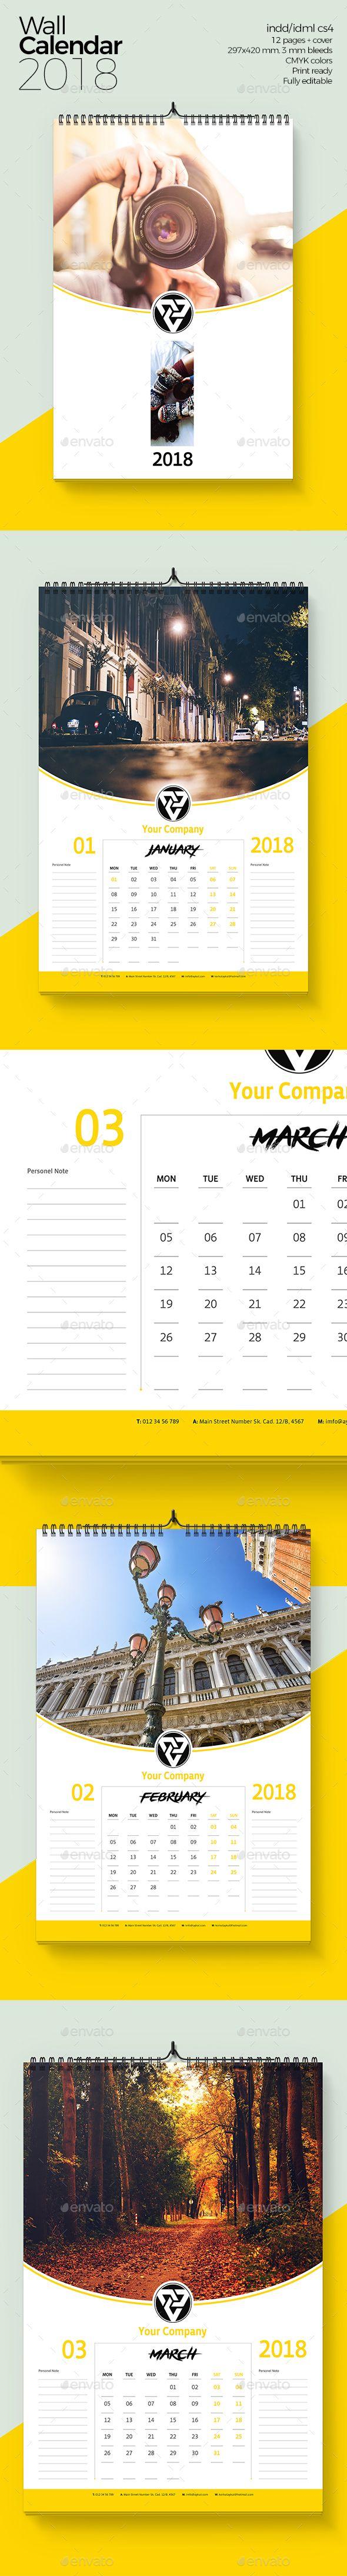 Wall Calendar 2018 v1 | Calendar 2018, Calendar design and Font logo